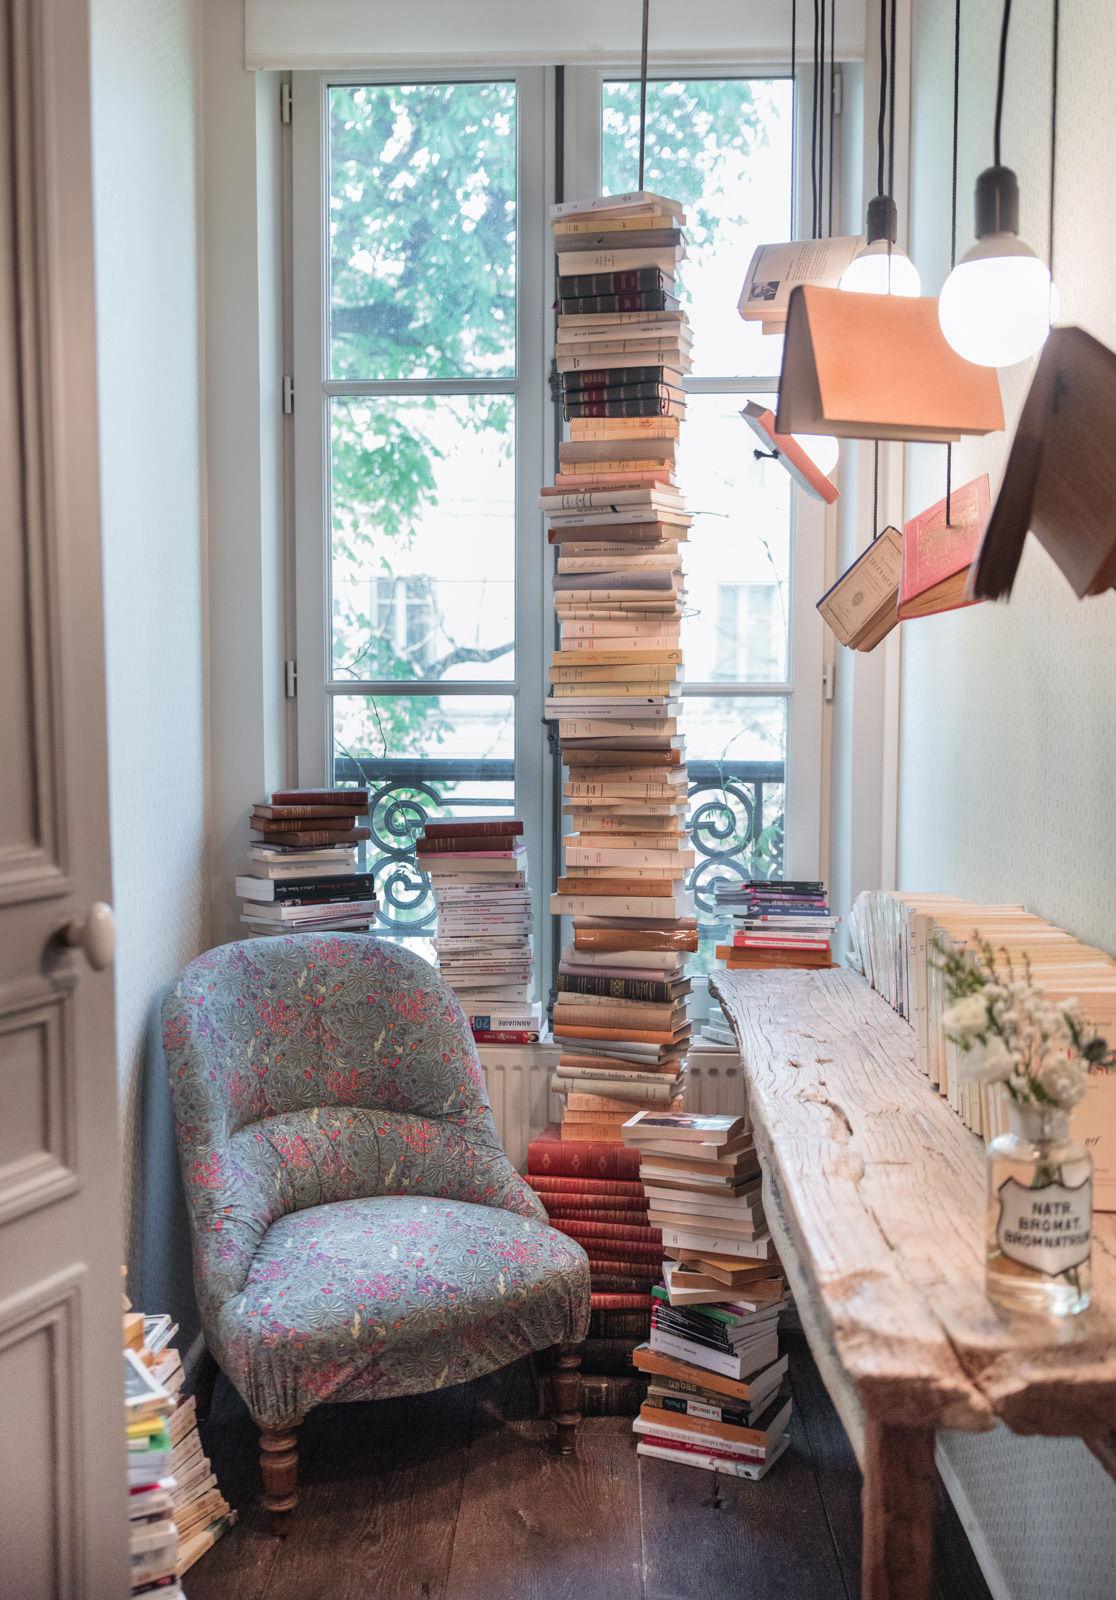 Blog-Mode-And-The-City-Lifestyle-Maison-Montmartre-My-Little-Paris-24